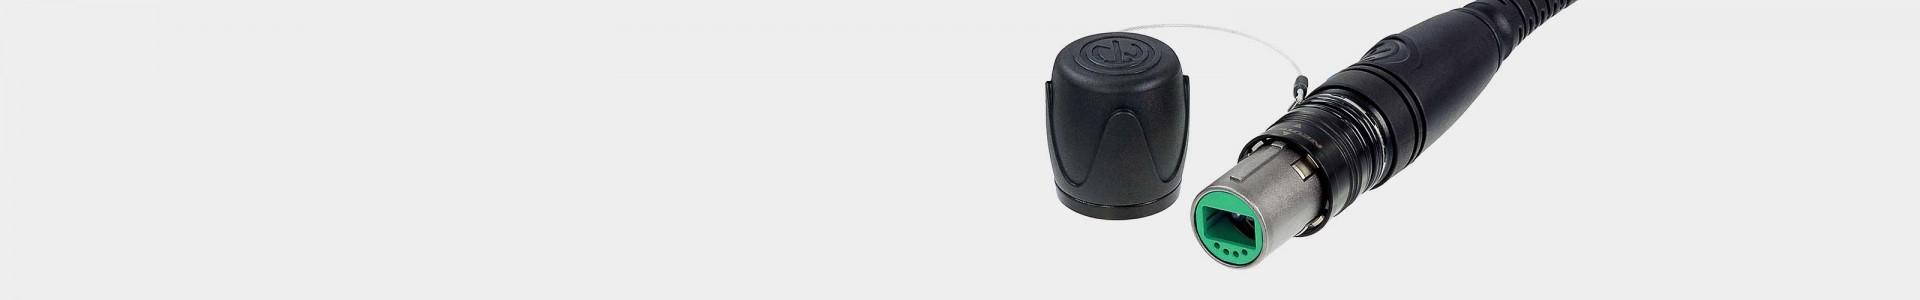 Neutrik opticalCON connectors for fiber optics - Avacab Audiovisuales